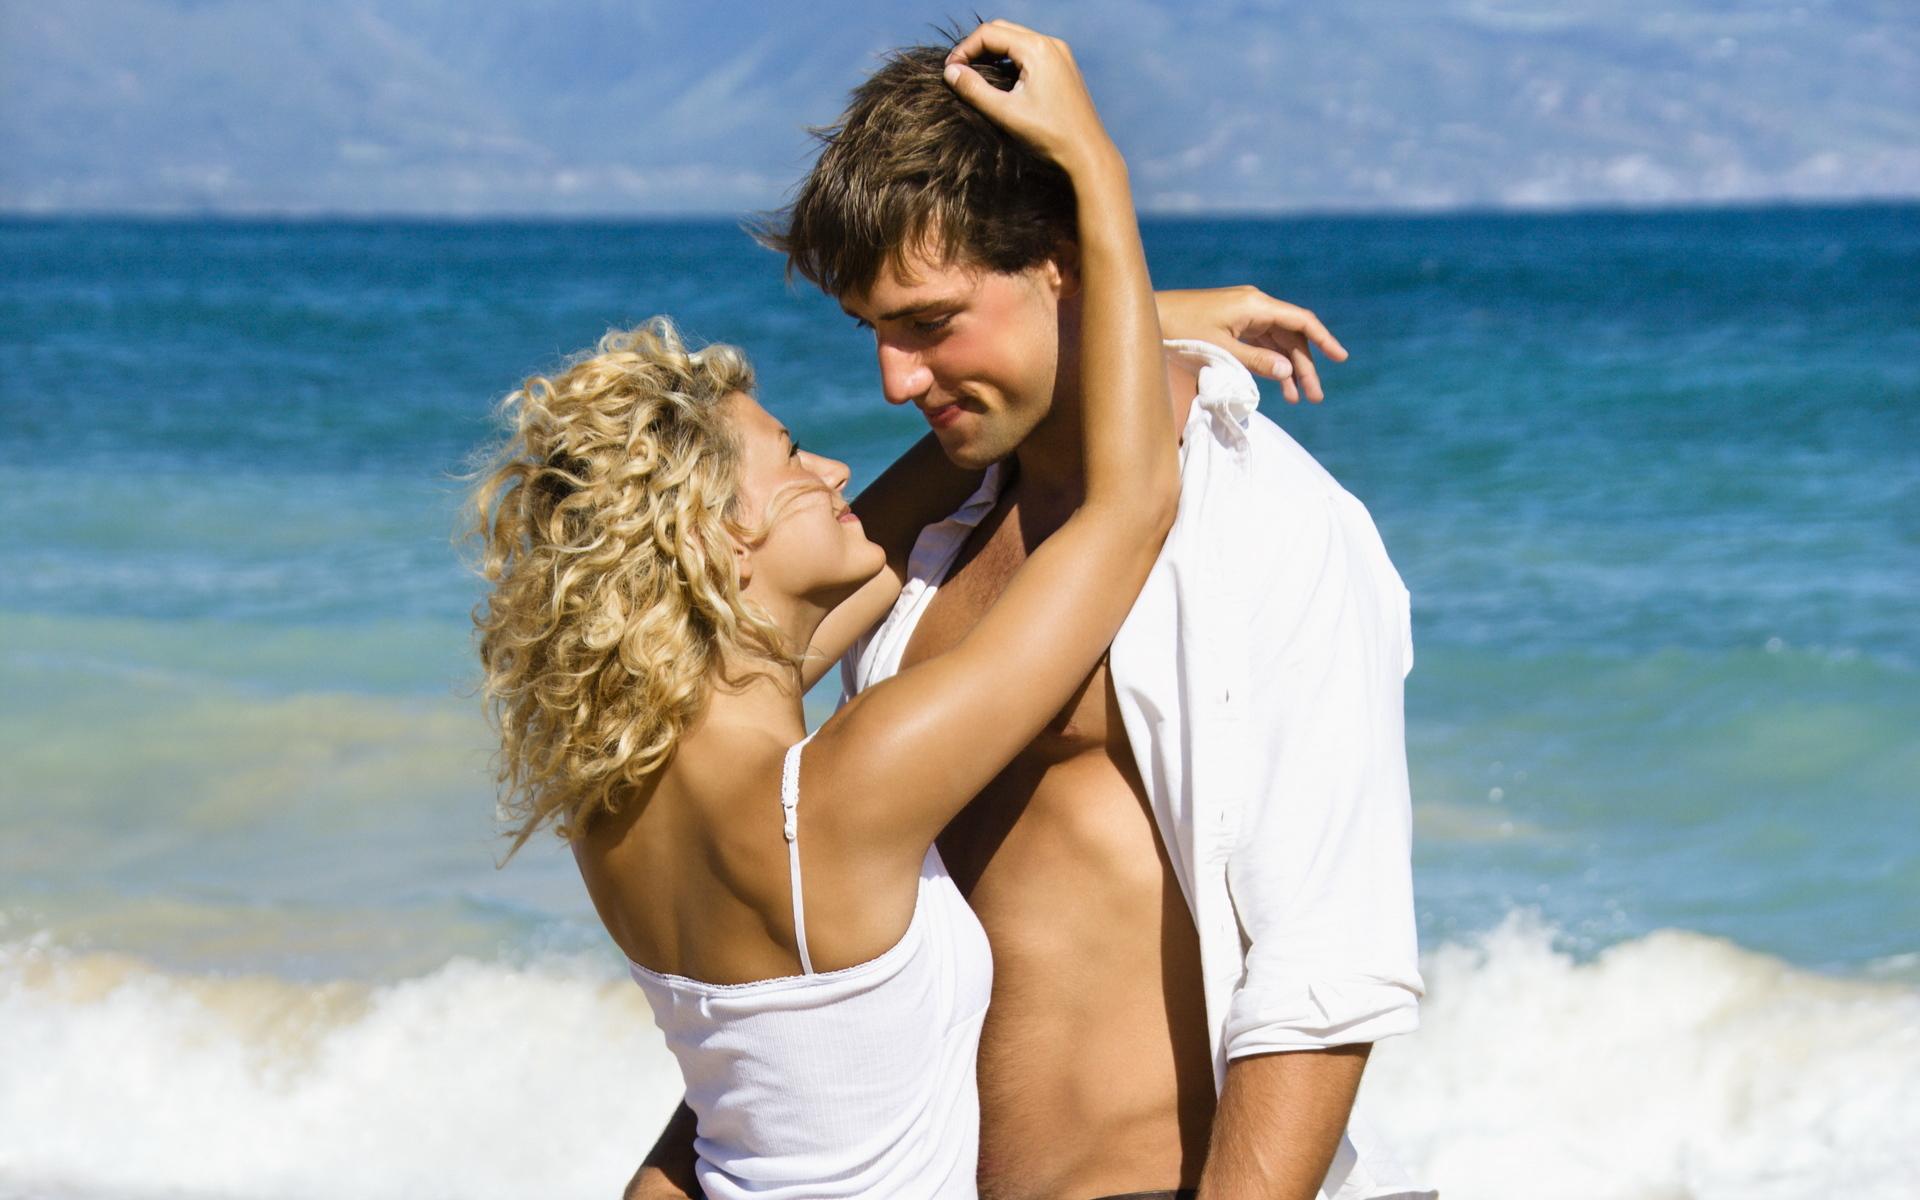 Теплое, картинки красивые влюбленных пар на море